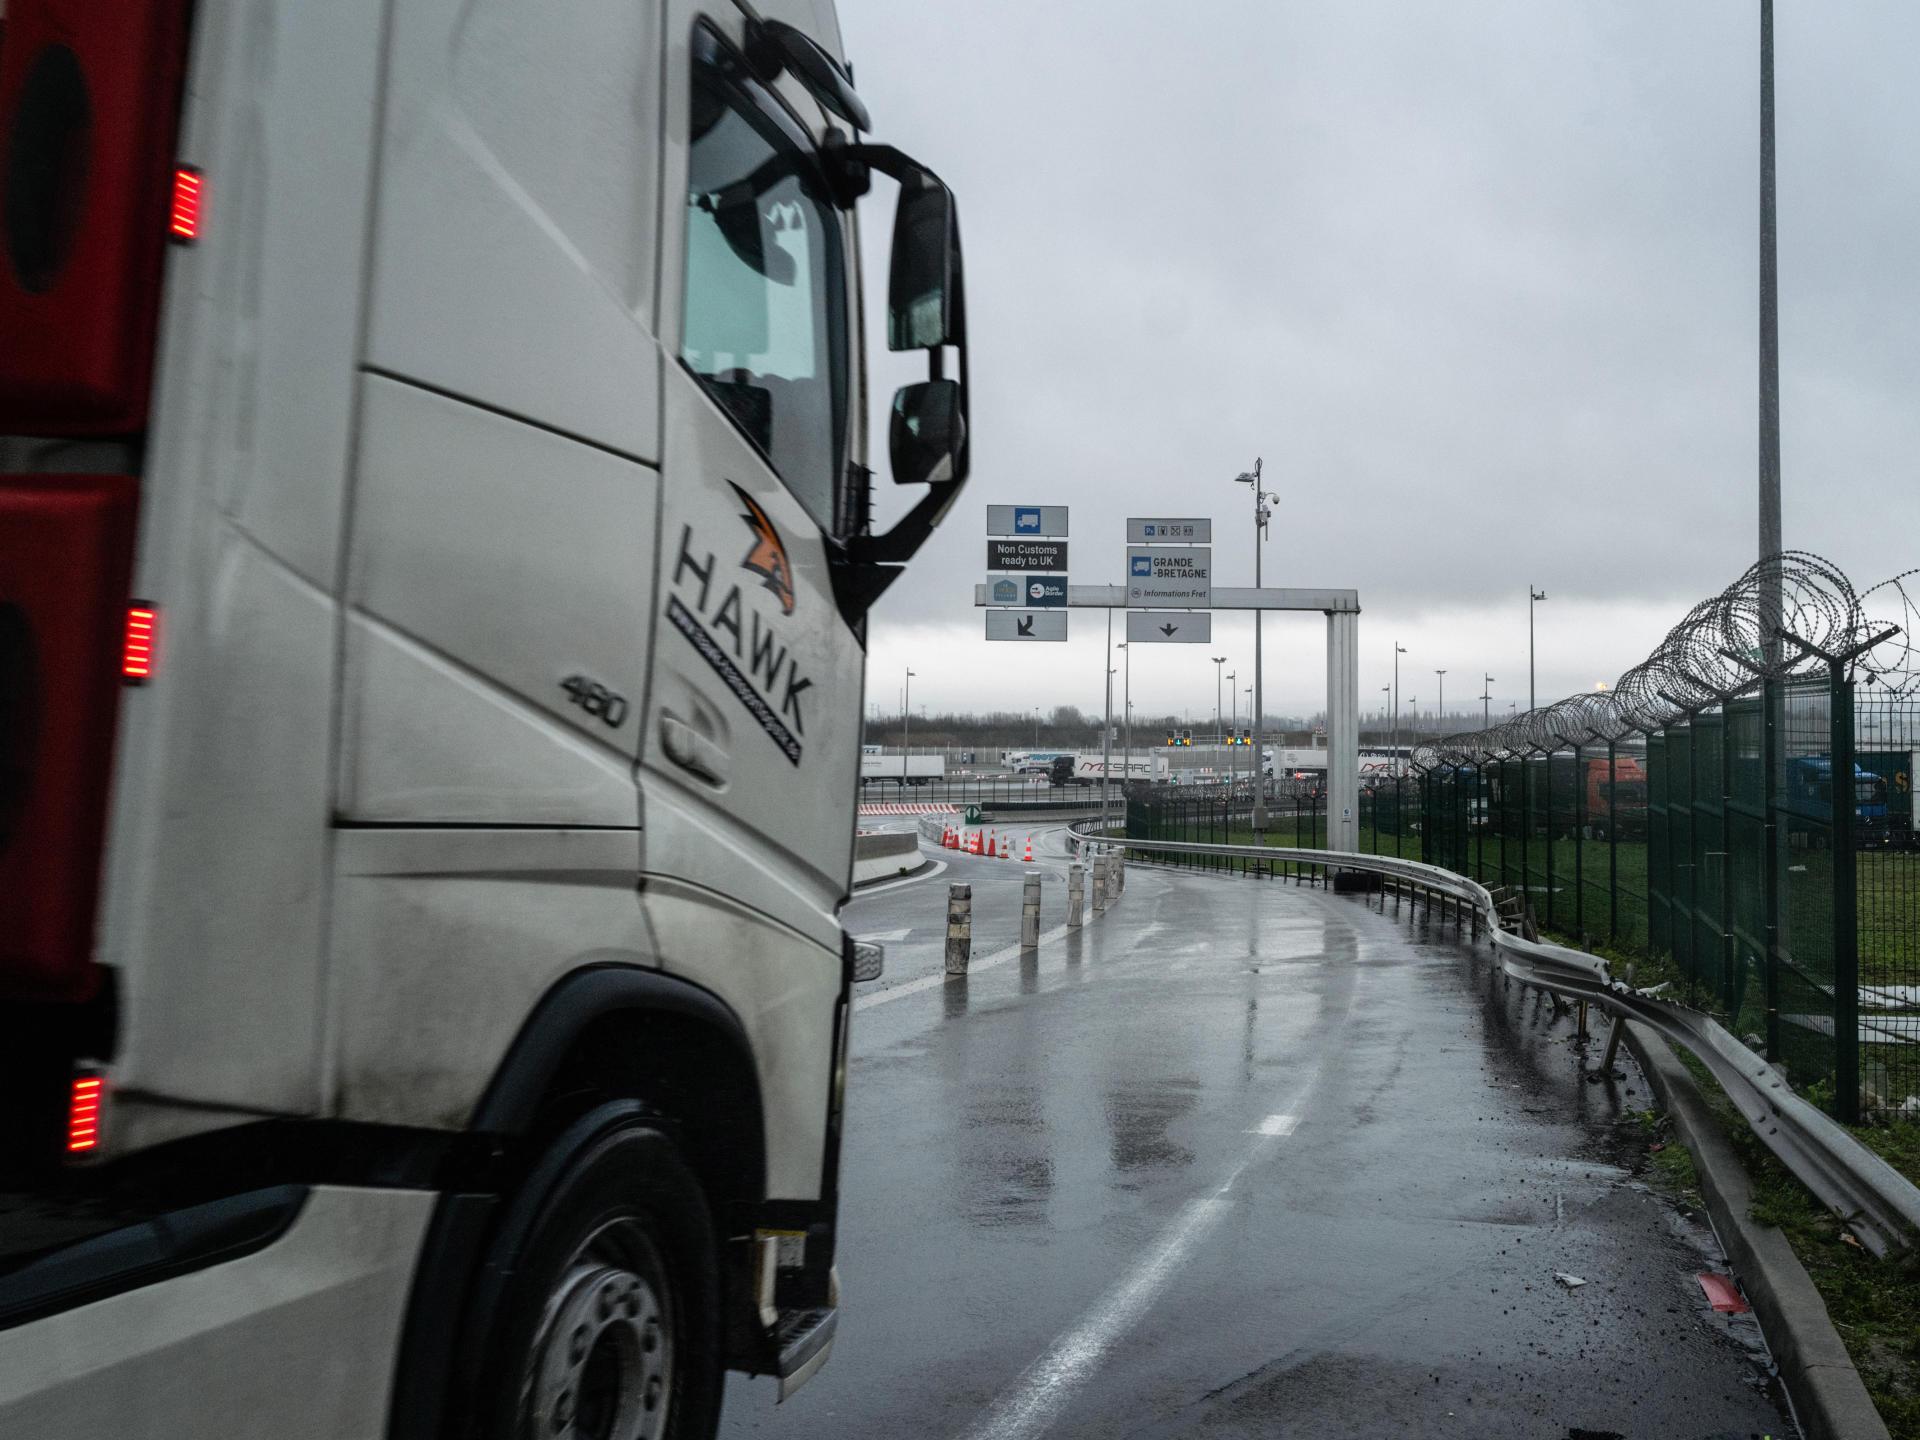 Depuis début novembre, des kilomètres de bouchons sont enregistrés à l'entrée du tunnel sous la Manche et du port de Calais.